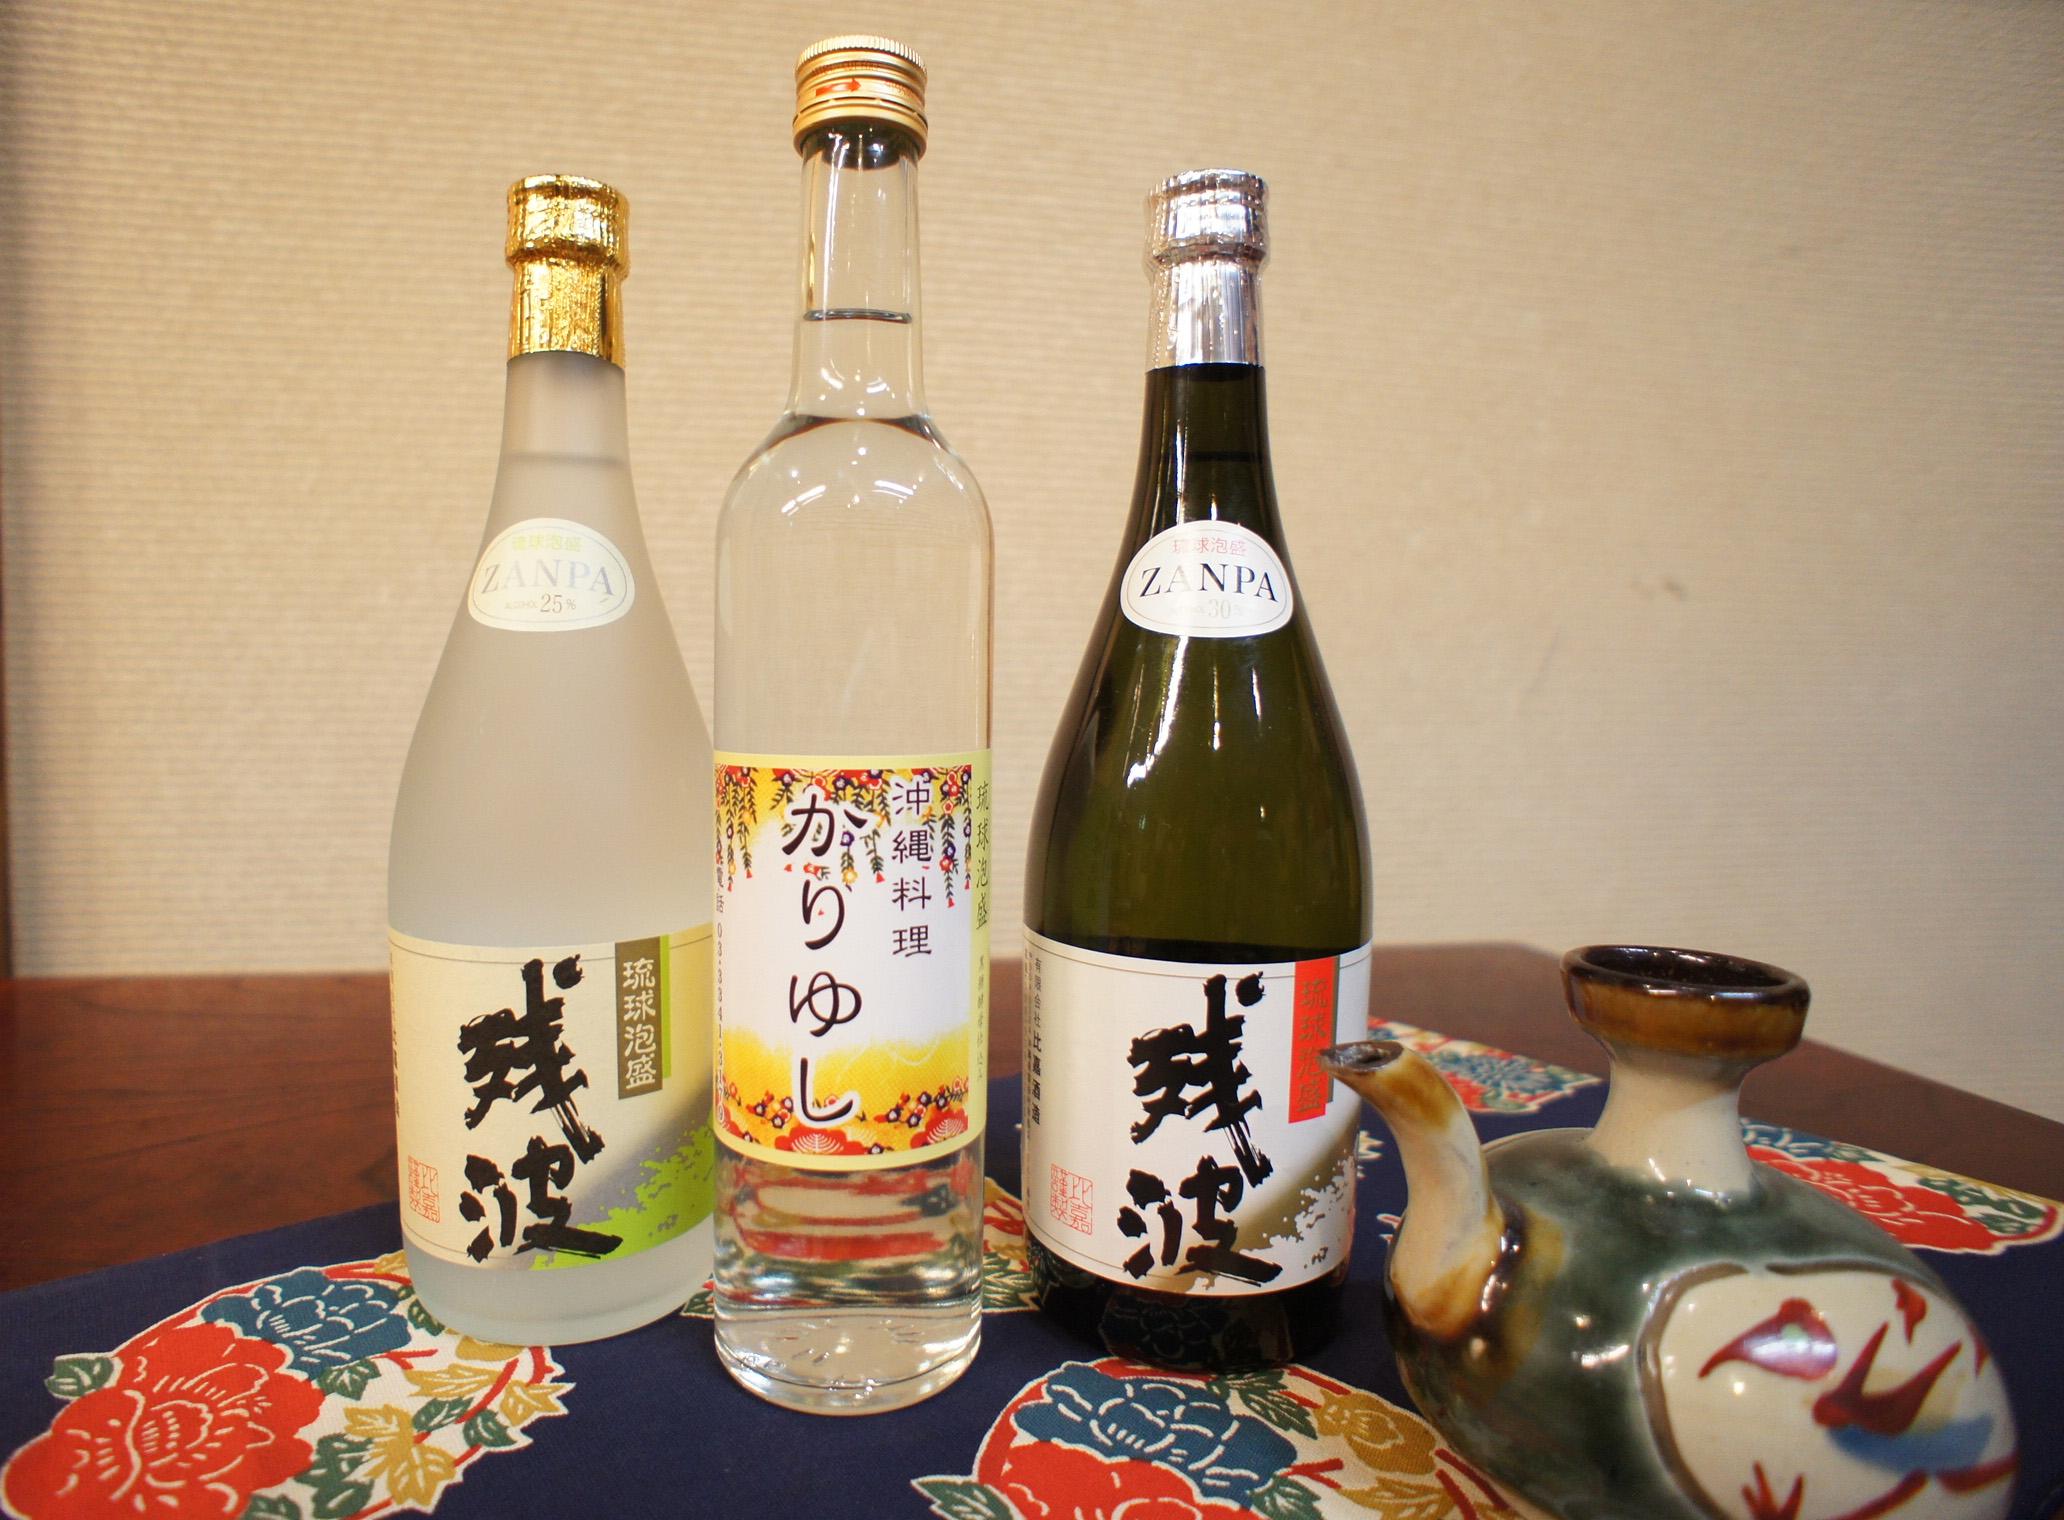 沖縄料理かりゆし3